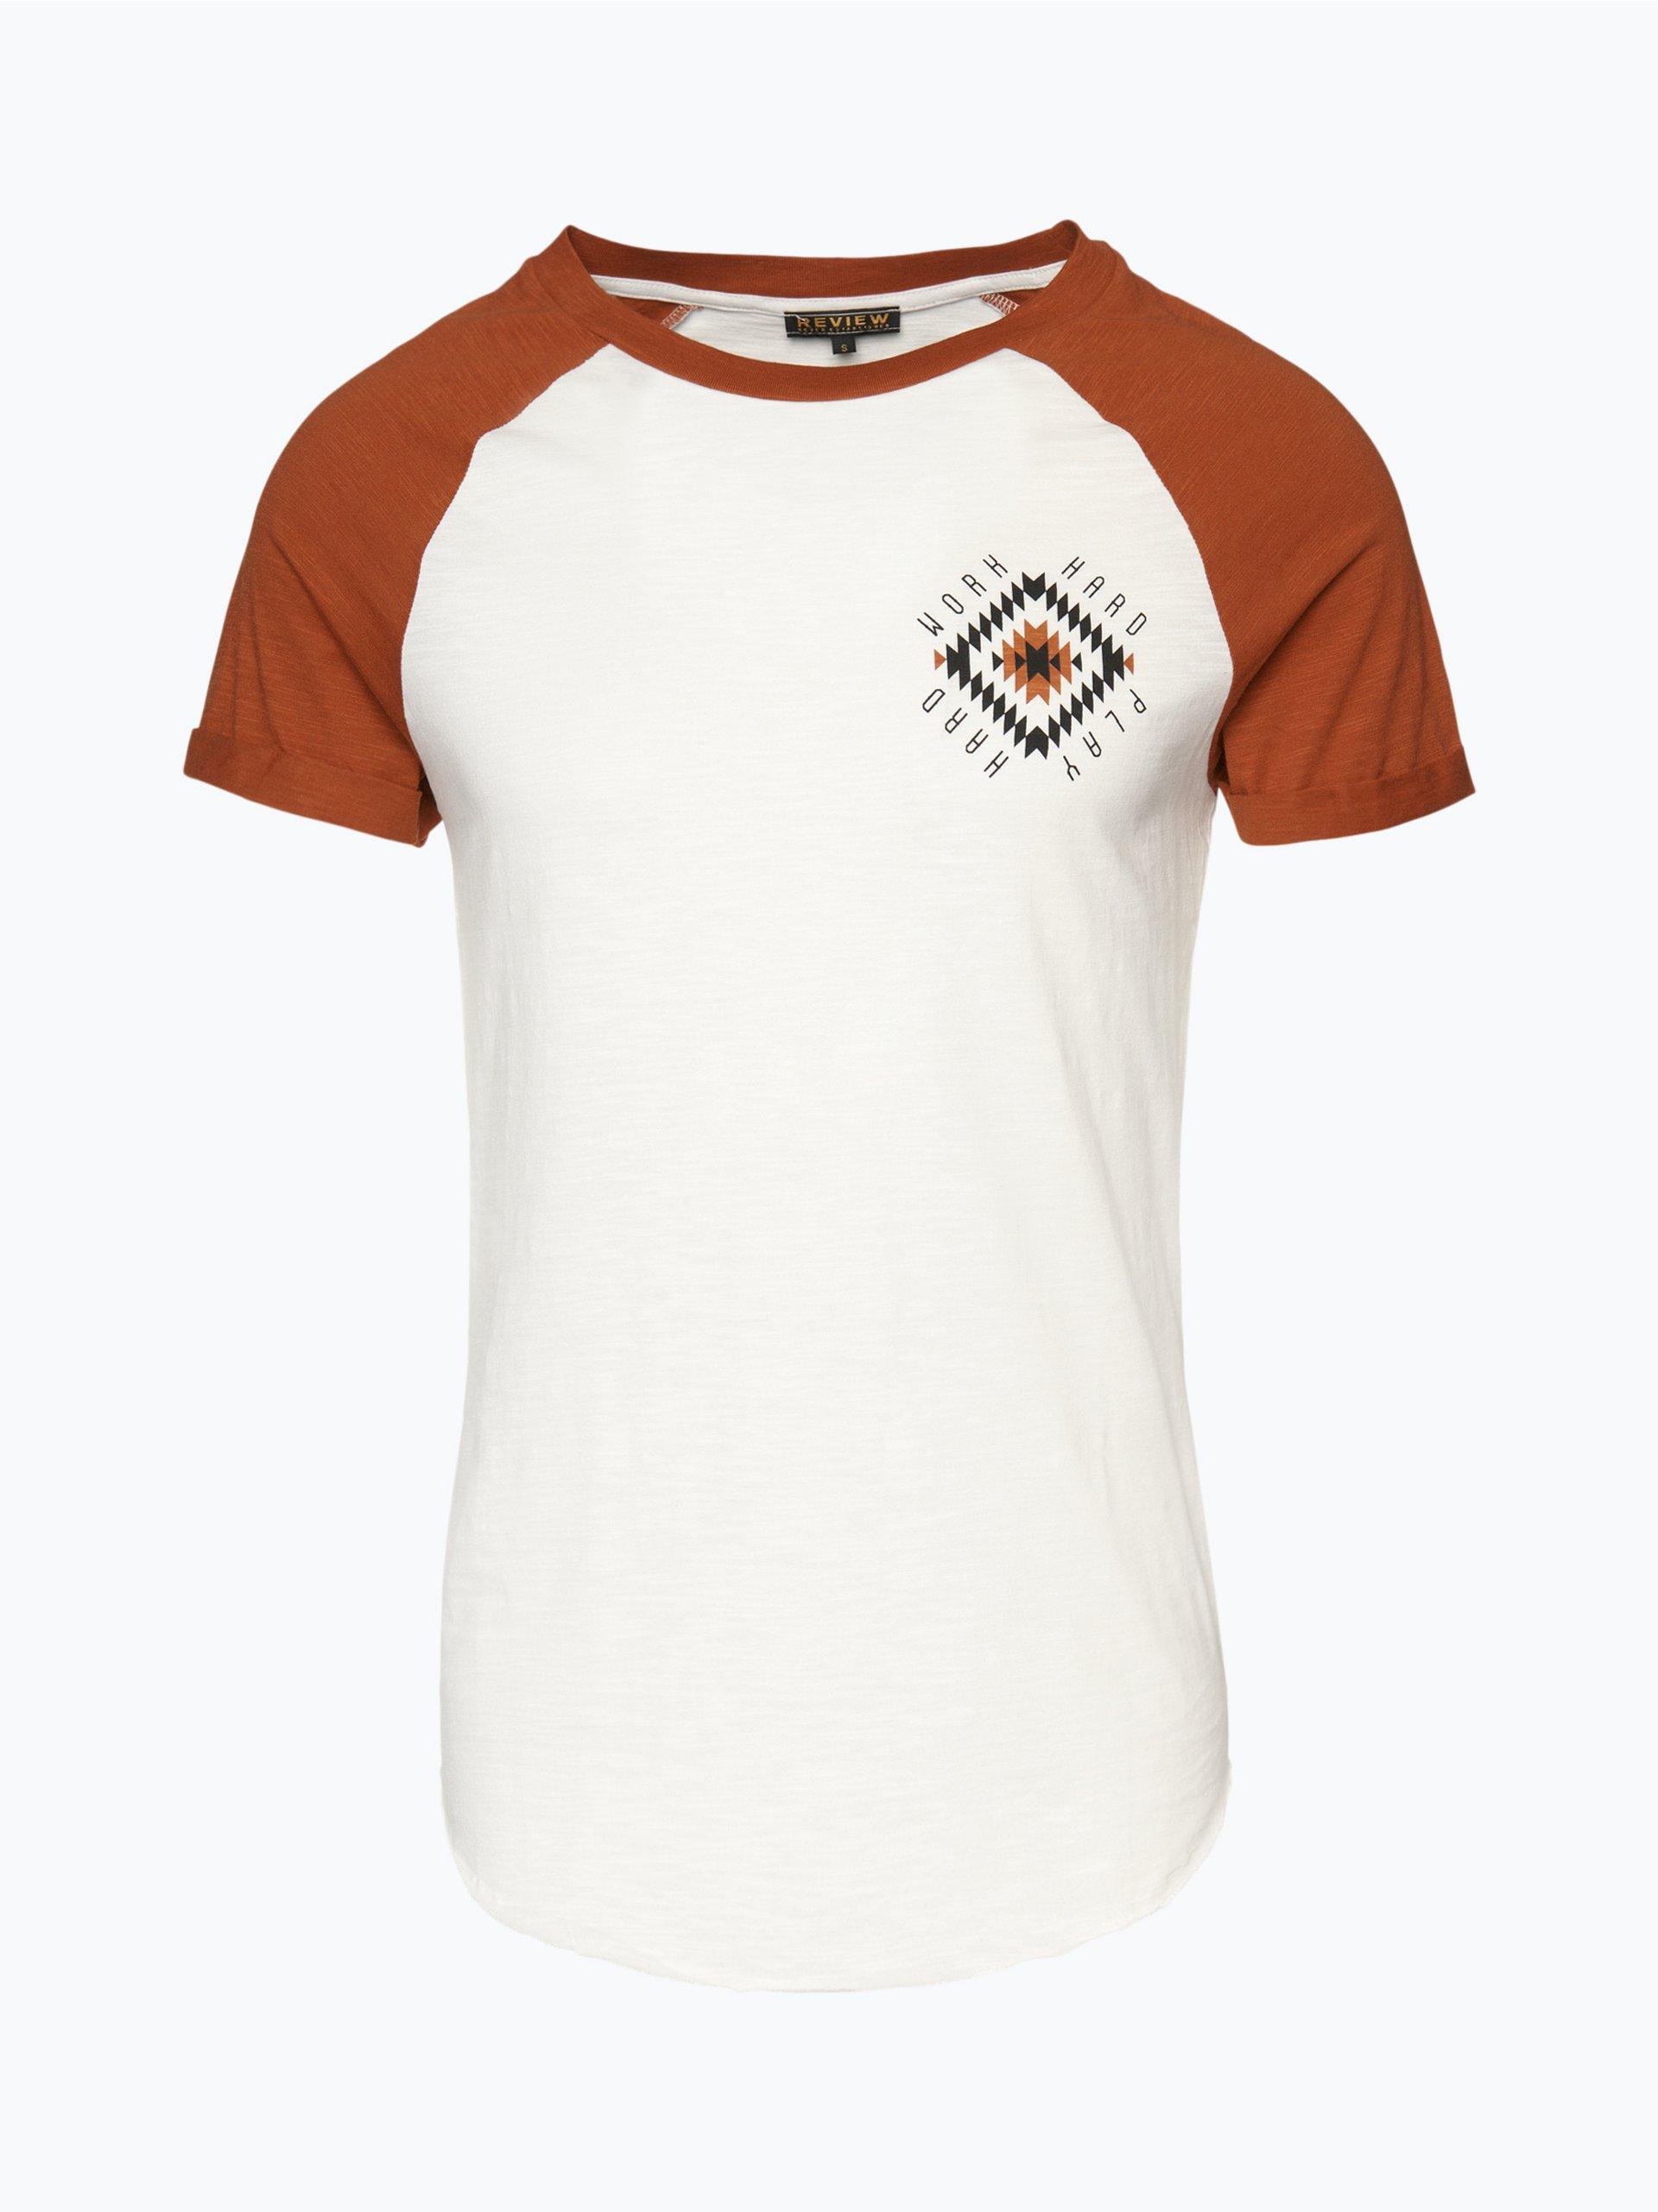 review herren t shirt cognac gemustert online kaufen. Black Bedroom Furniture Sets. Home Design Ideas